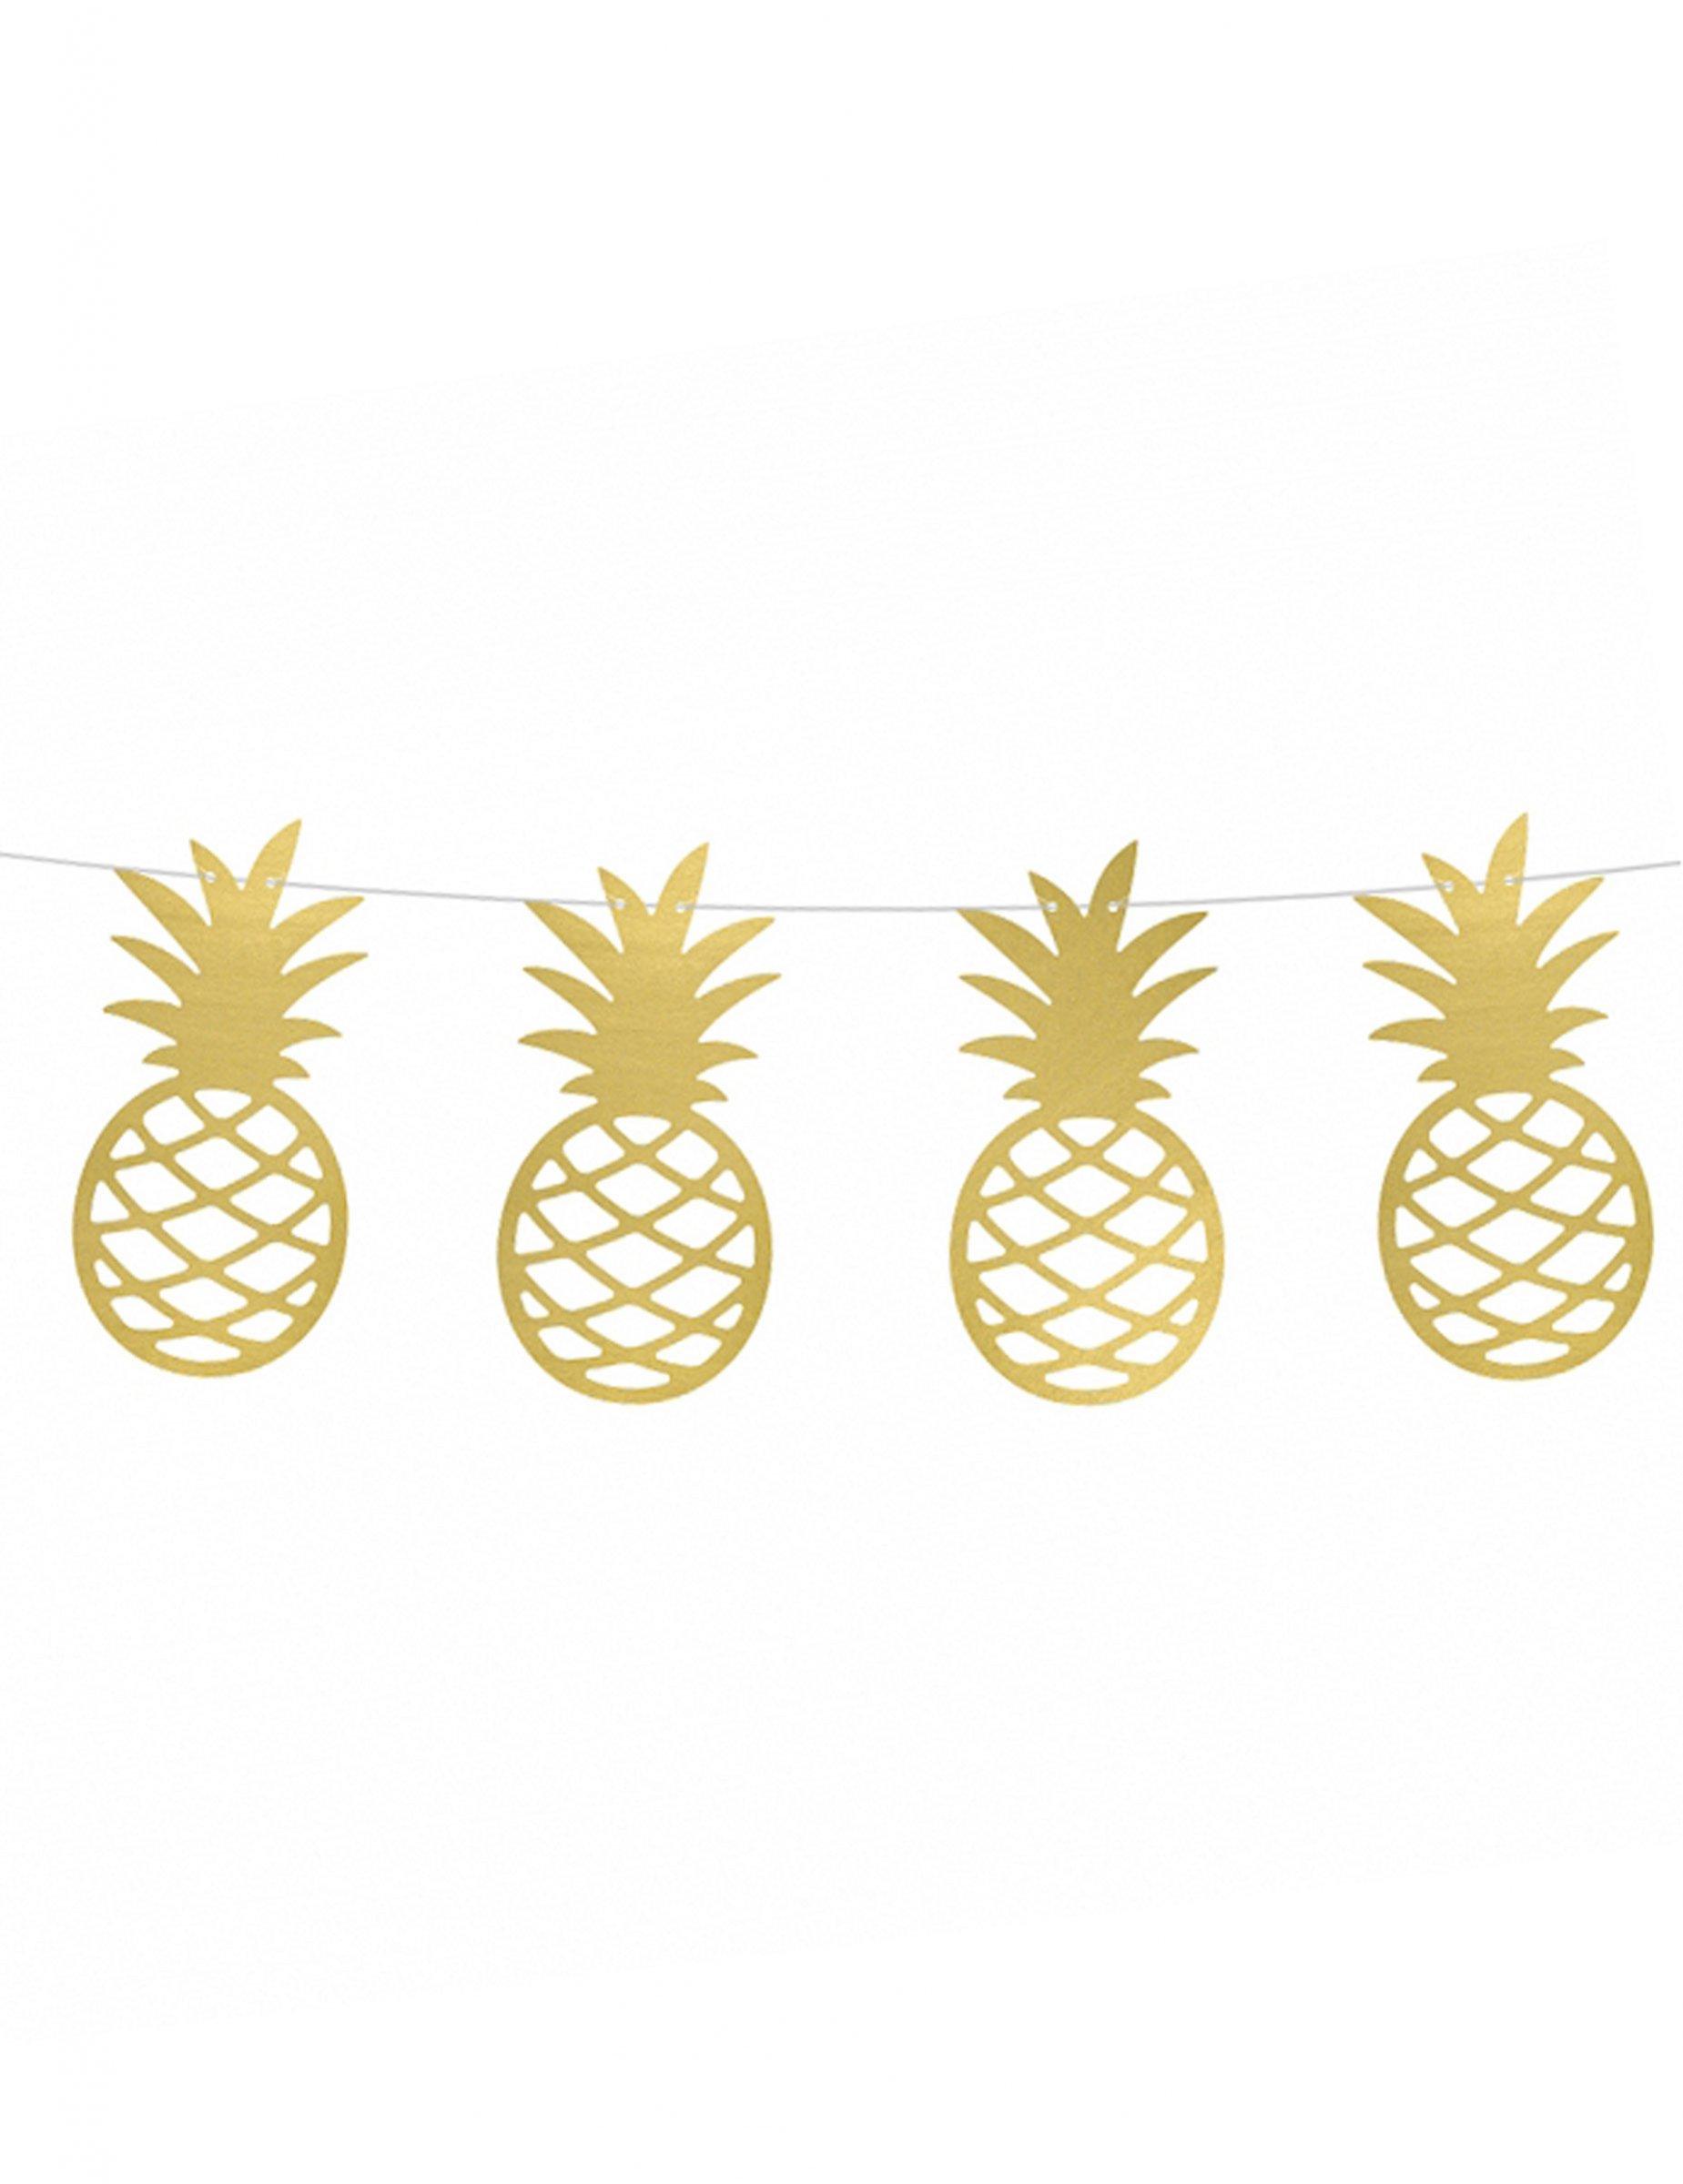 Guirlande à Faire Soi Même Ananas Doré Métallique 150 Cm Décoration Anniversaire Et Fêtes à Thème Sur Vegaoo Party